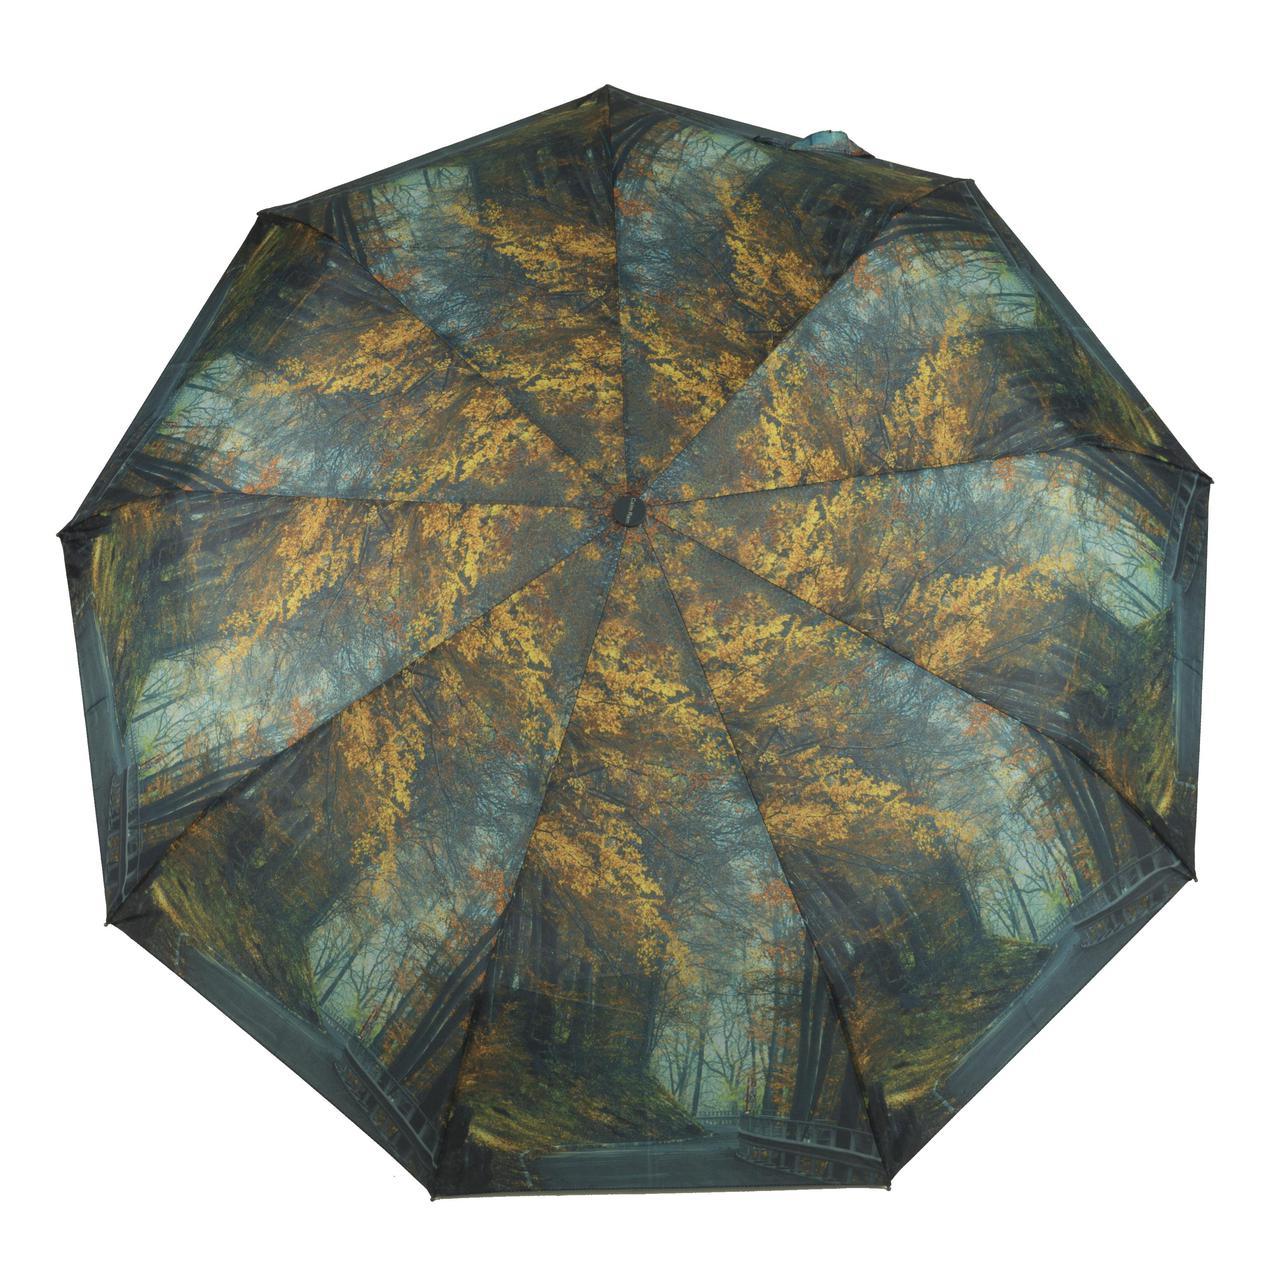 Женский симпатичный прочный зонтик автомат с ярким принтом CALM RAIN  art. 490 природа (102930)